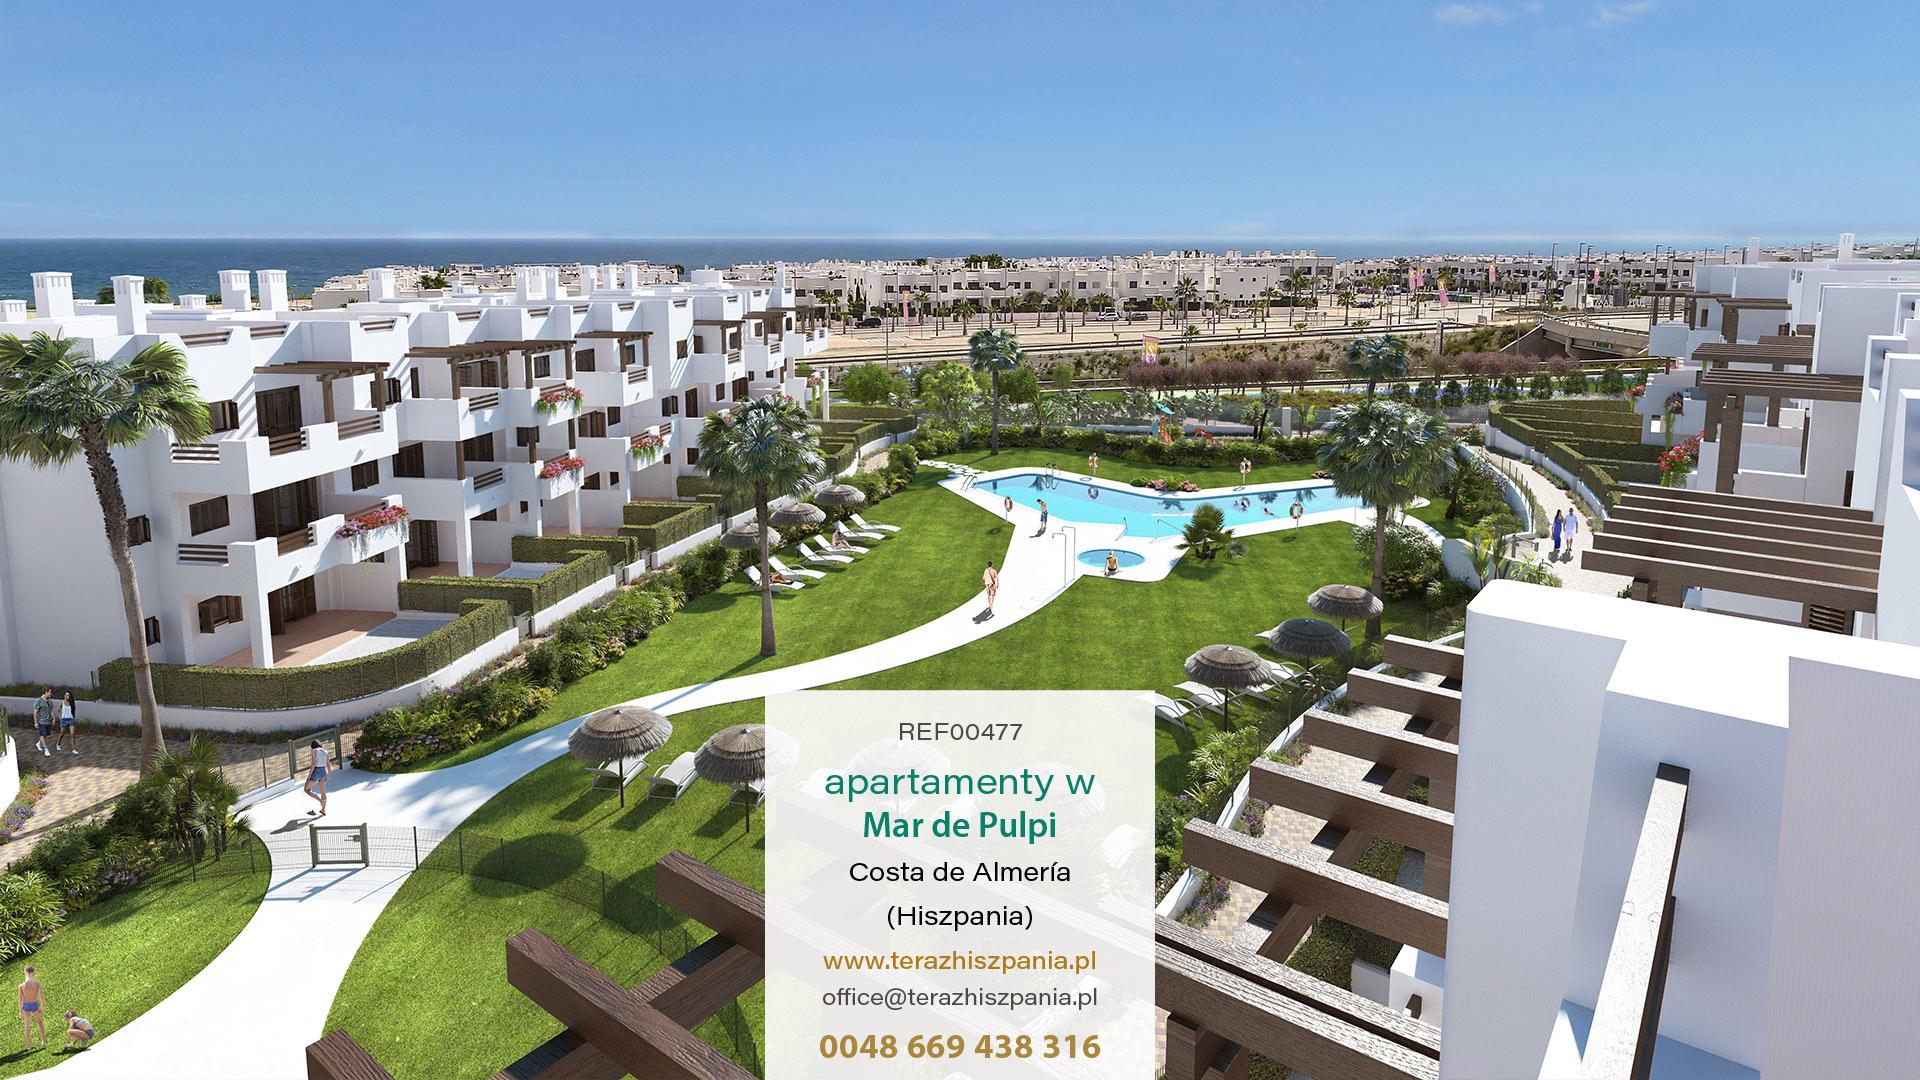 REF00477 Apartamenty w Mar de Pulpi z na wybrzeżu Almerii, w południowej Hiszpanii.